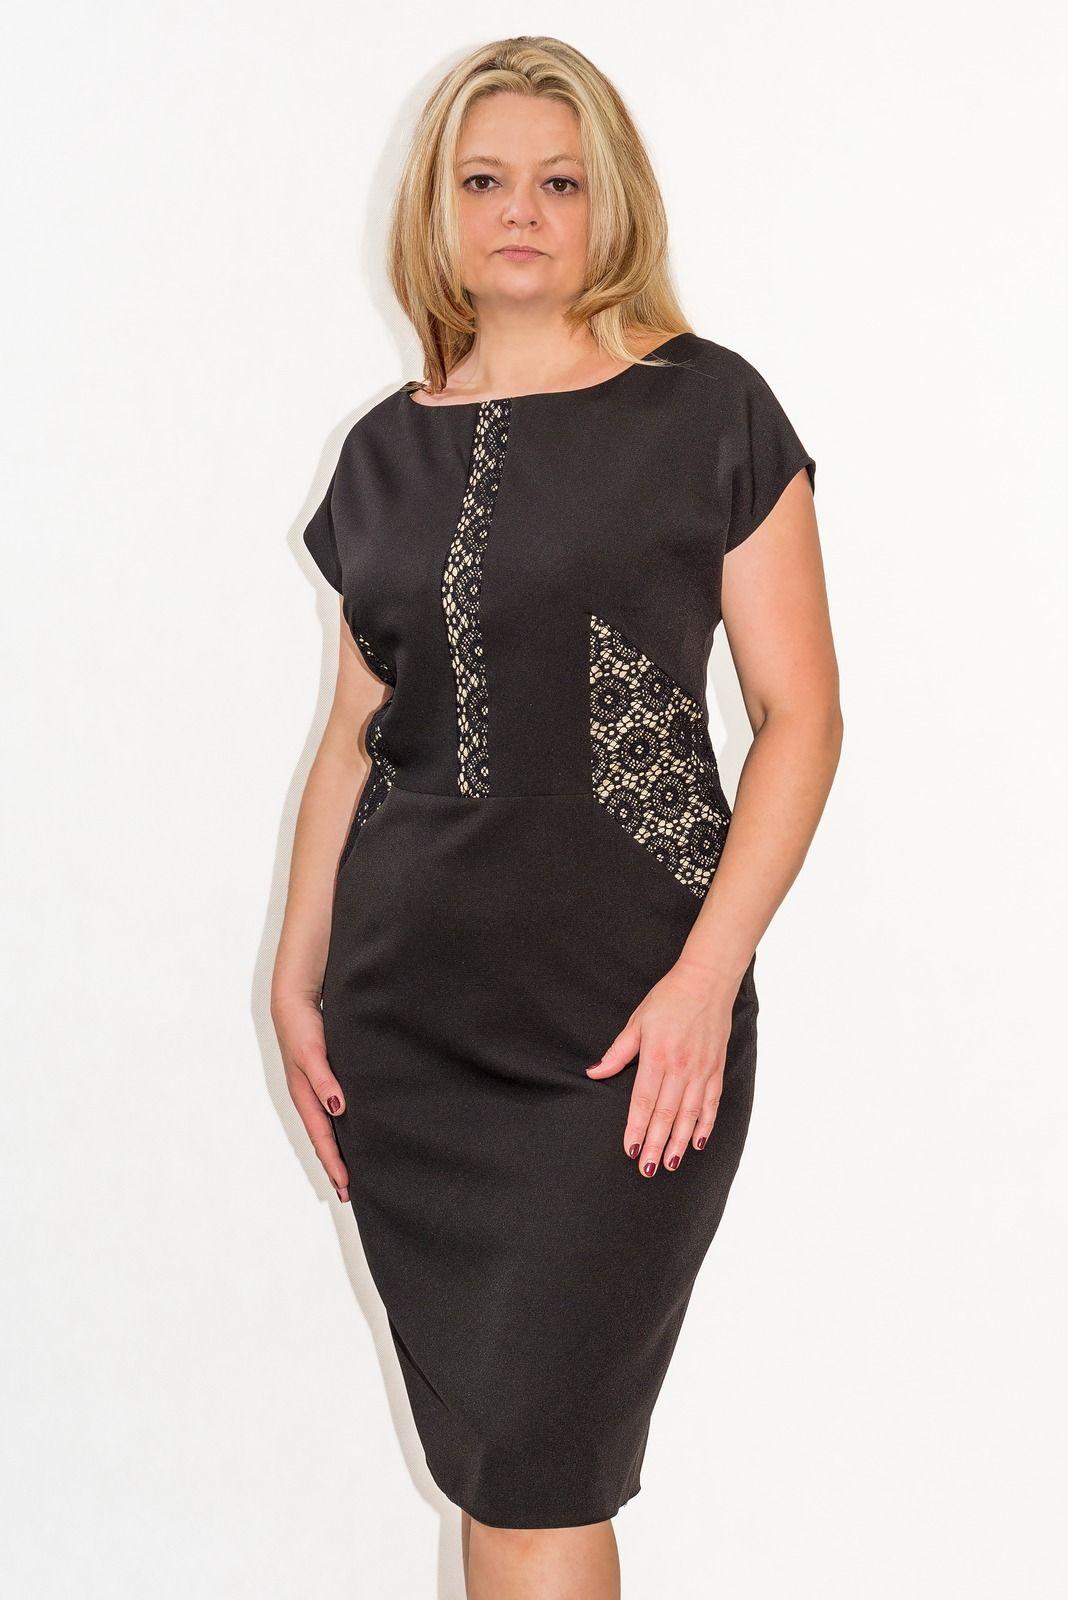 900b37c1fb Elegancka sukienka XXL KIMBERLY 40-60 duże rozmiary - XELKA odzież ...